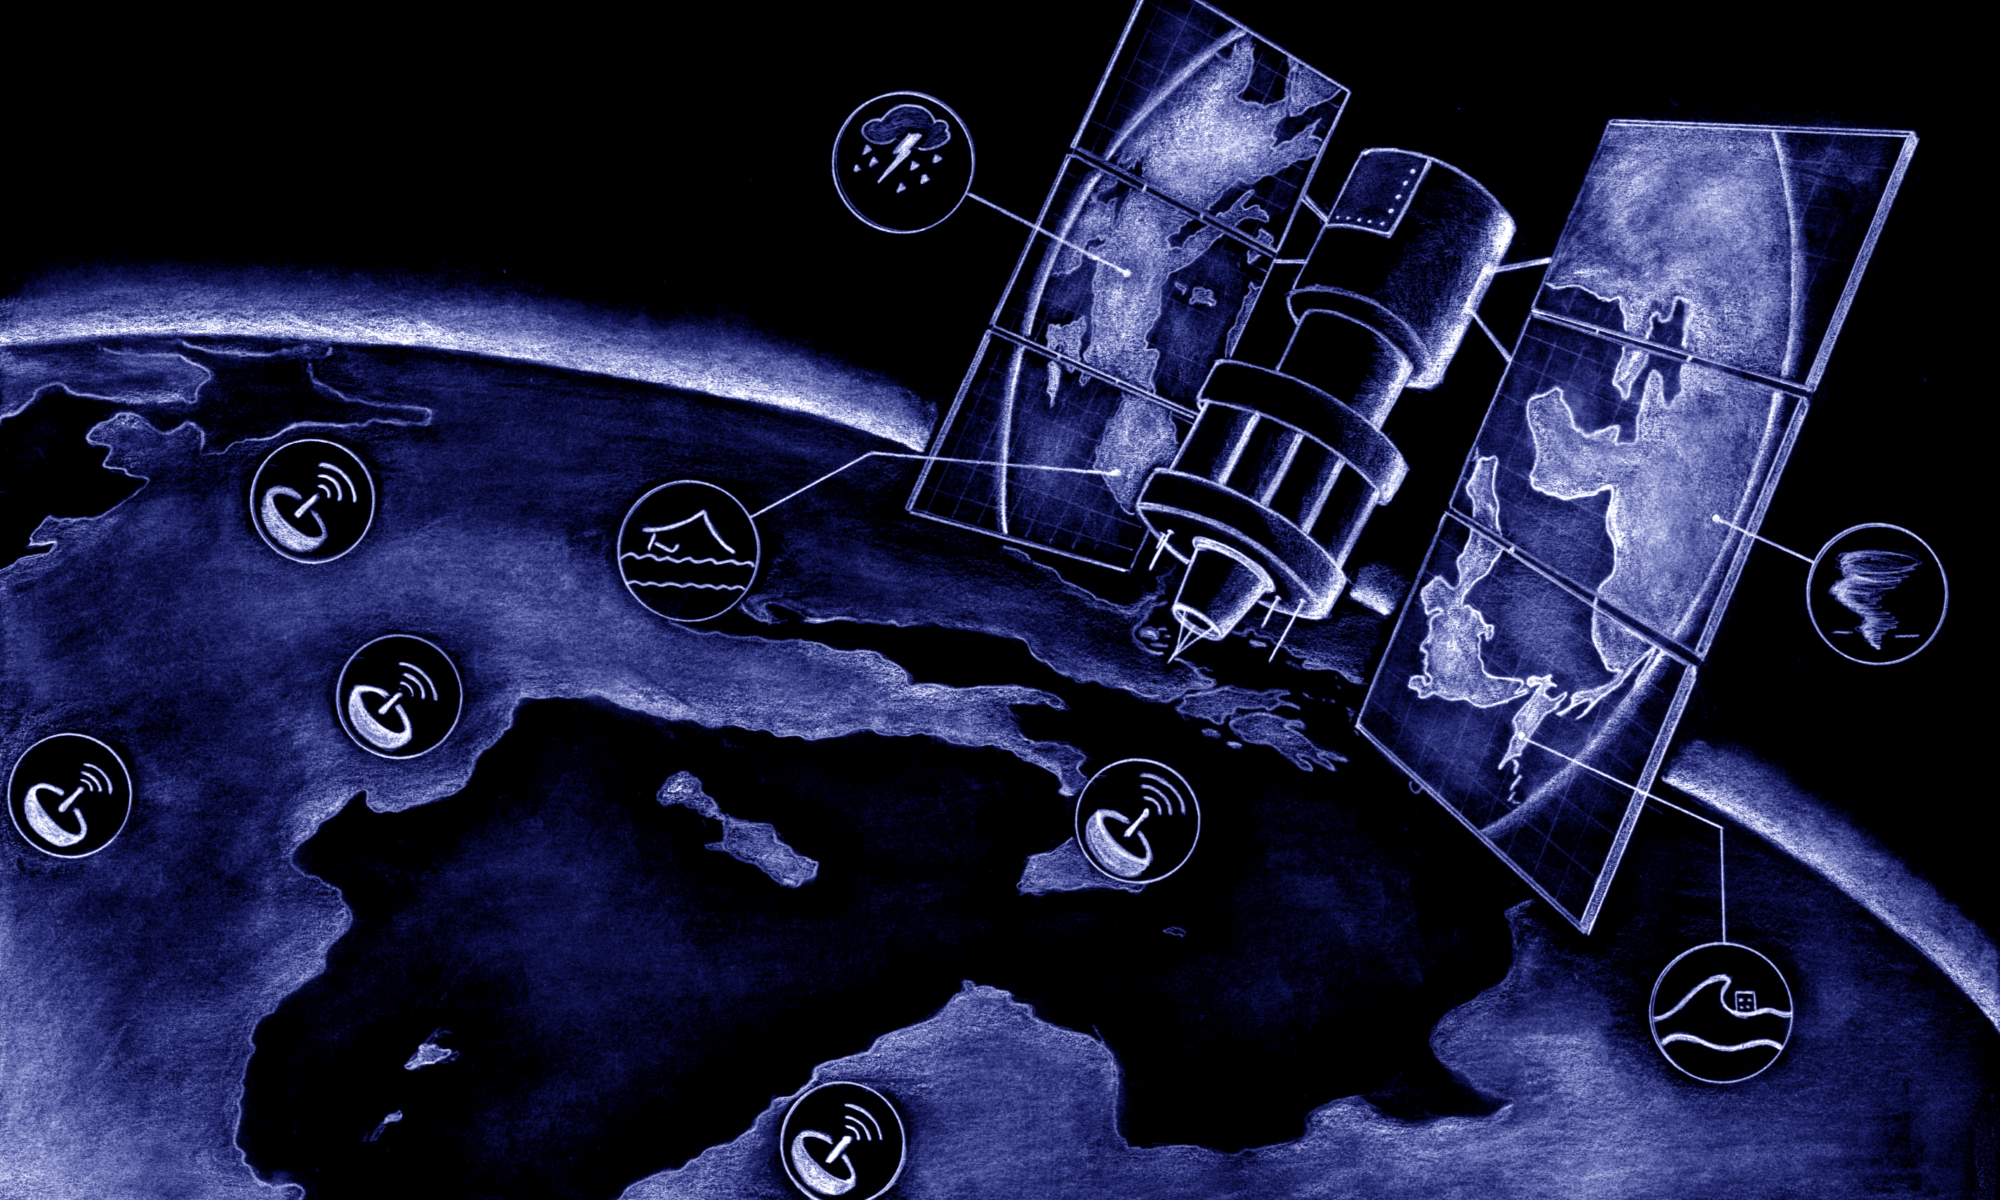 Sirin Orbital Systems AG